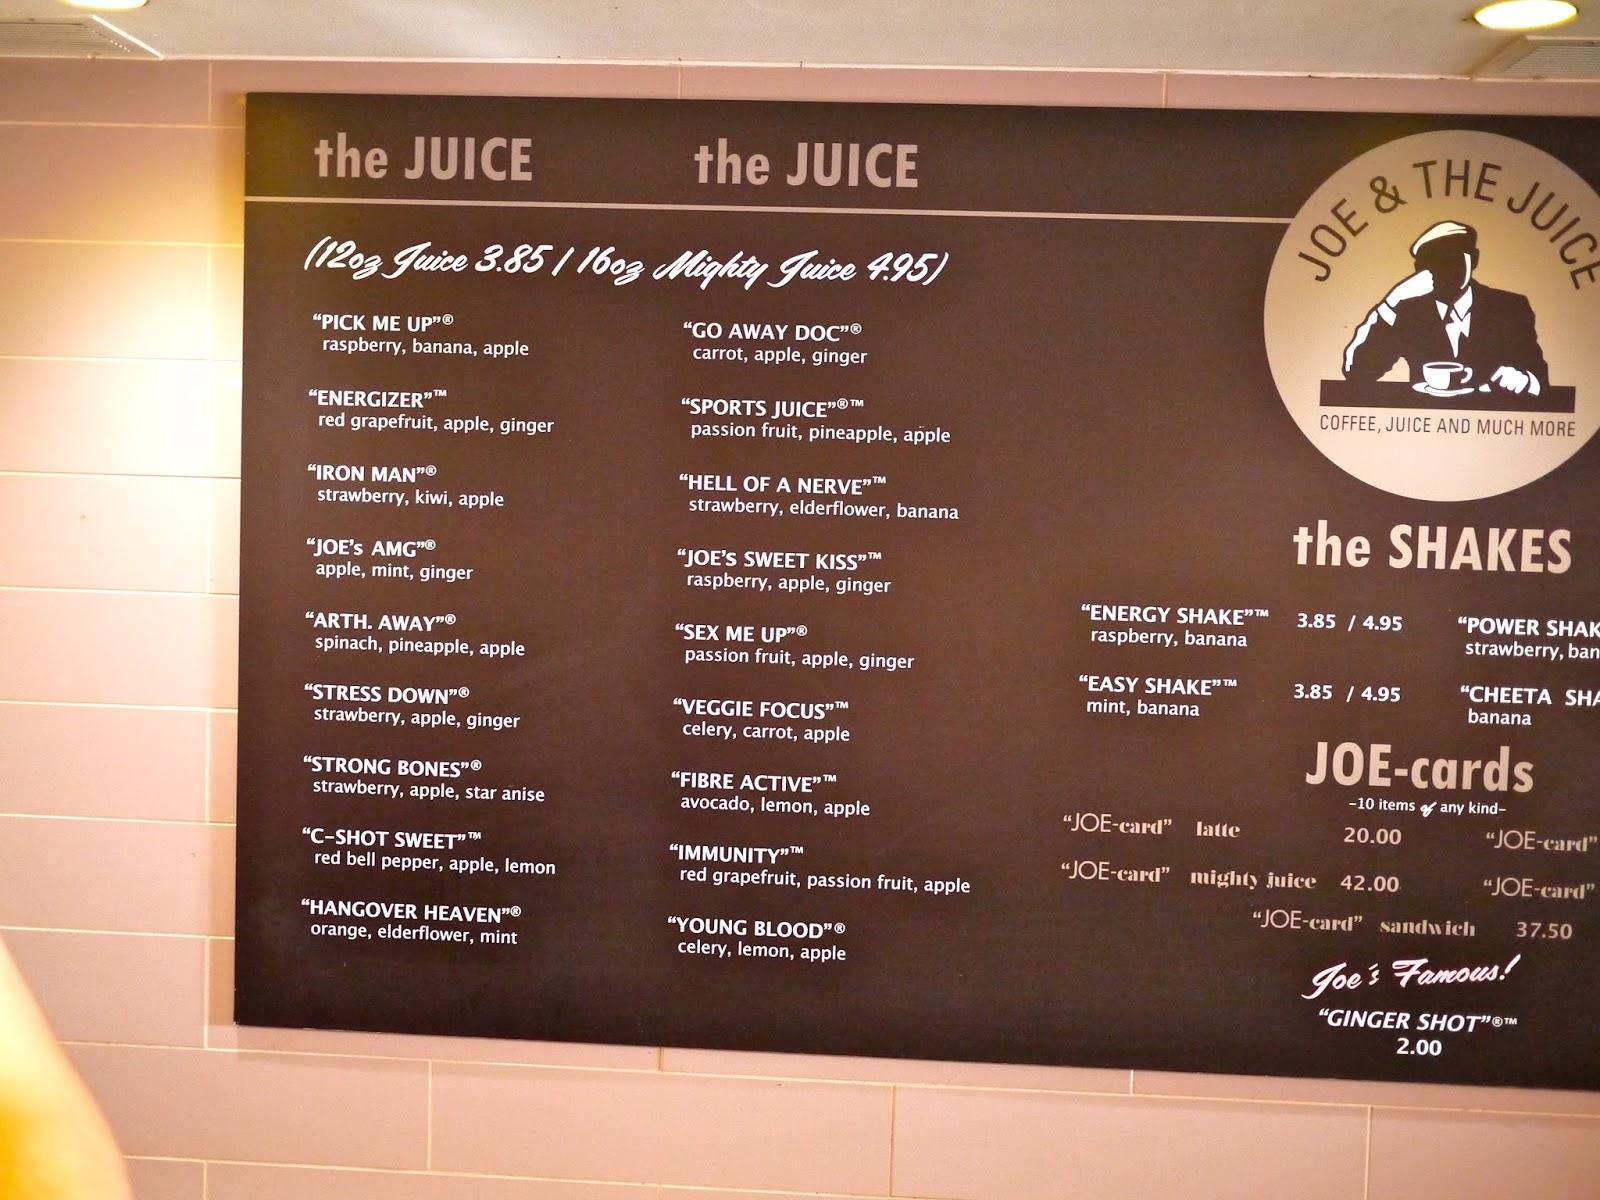 joe and the juice Djúsarnir frá joe & the juice eru heimsfrægir fyrir ferskleika og gott bragð kíktu á úrvalið af djúsum hér og veldu þinn uppáhalds djús.